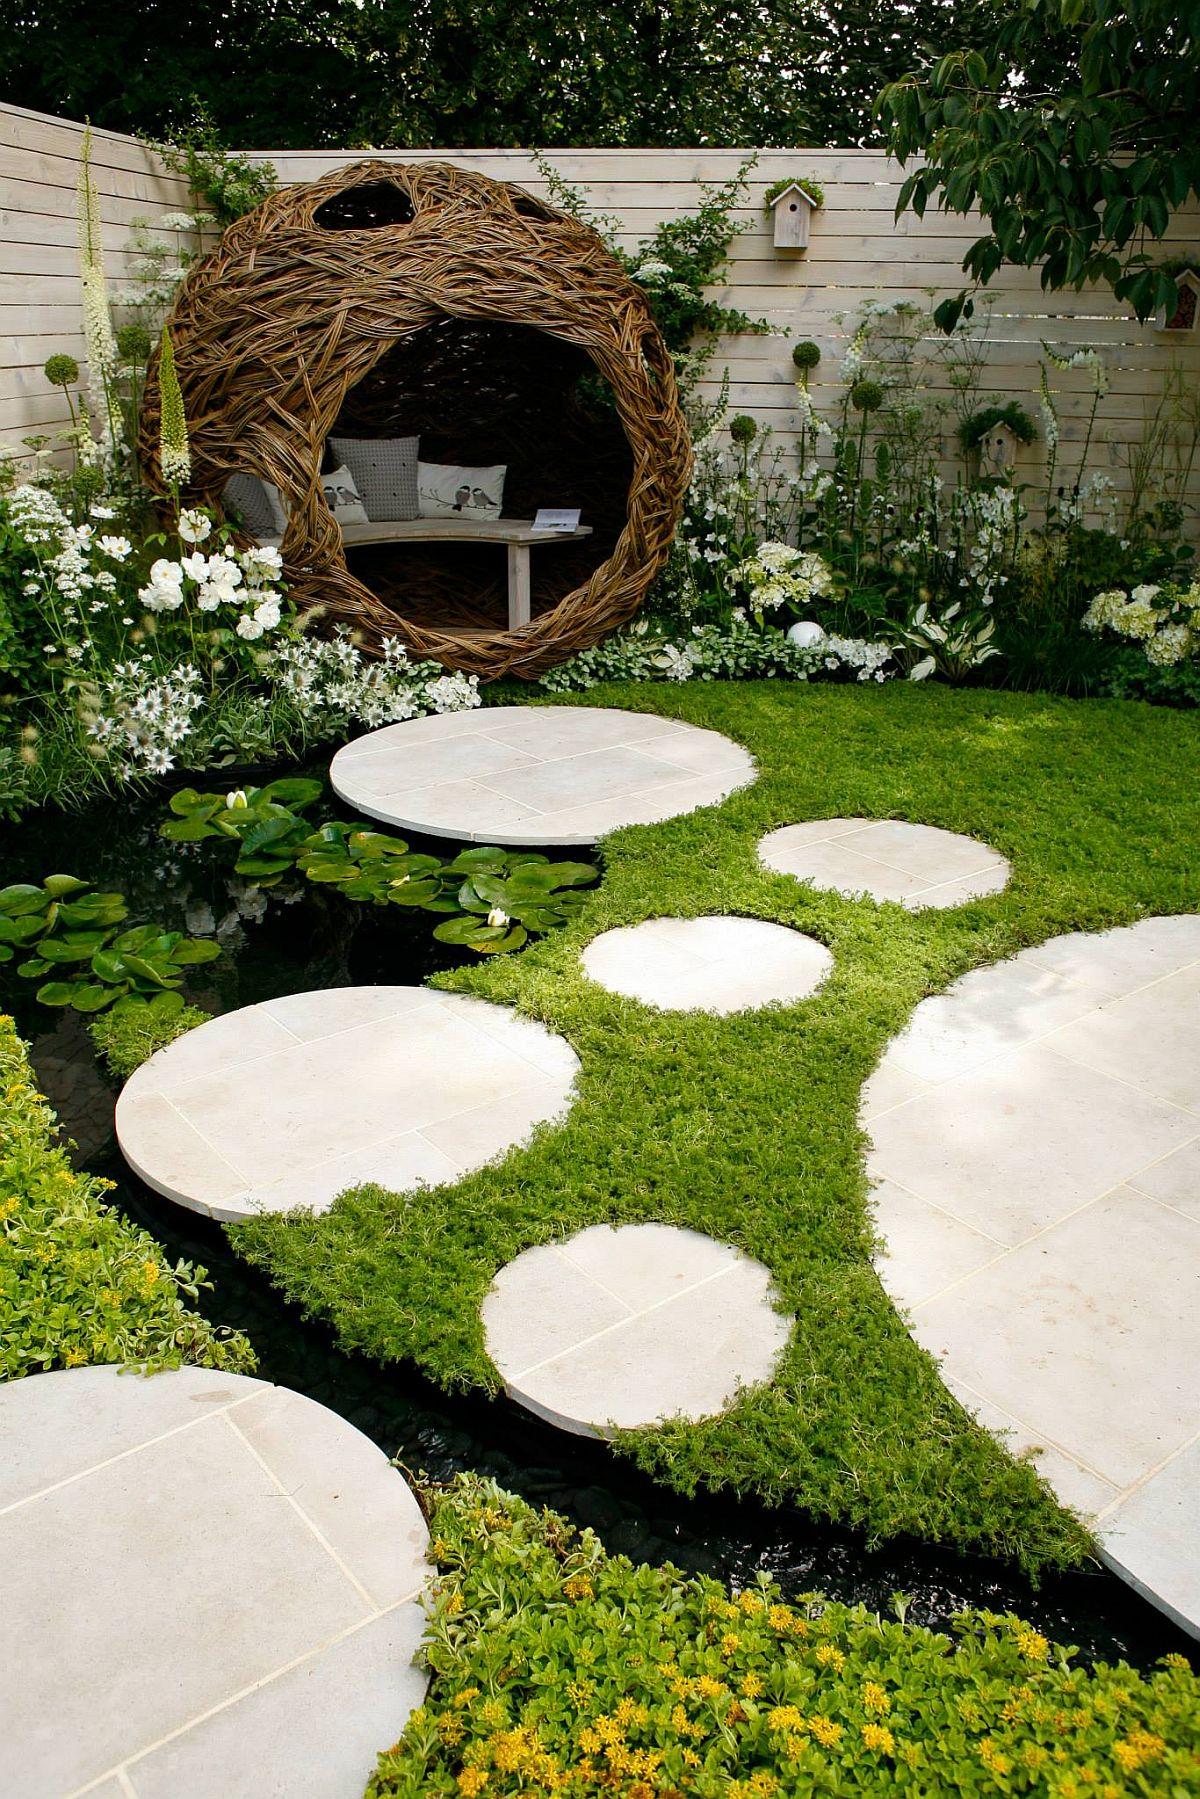 Pe lângă zona de lectură realizată ca o instalație împletită cu ajutorul scultpriței Carole Beavis, peisagiștii au prevăzut o zonă de apă în grădină, un iaz configurat ca o mică lagugă pete care pavajele și vegetația par că plutesc.